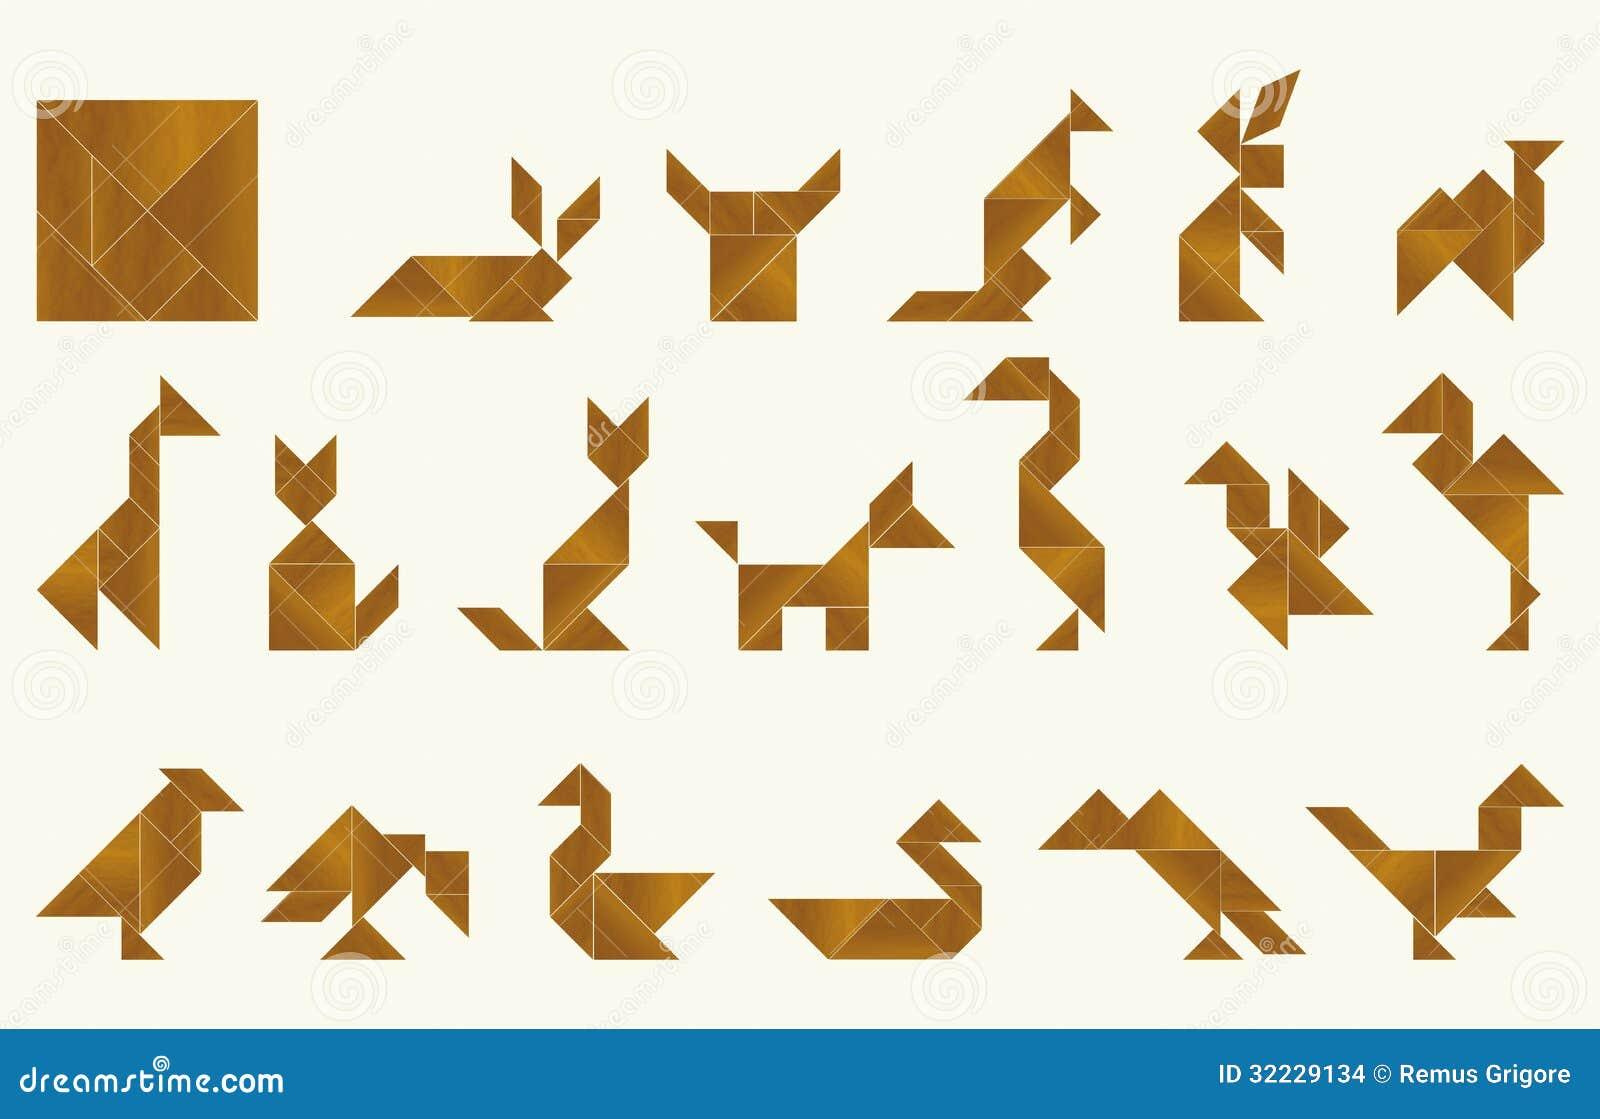 Tangram Fauna Cdr Format Stock Images Image 32229134